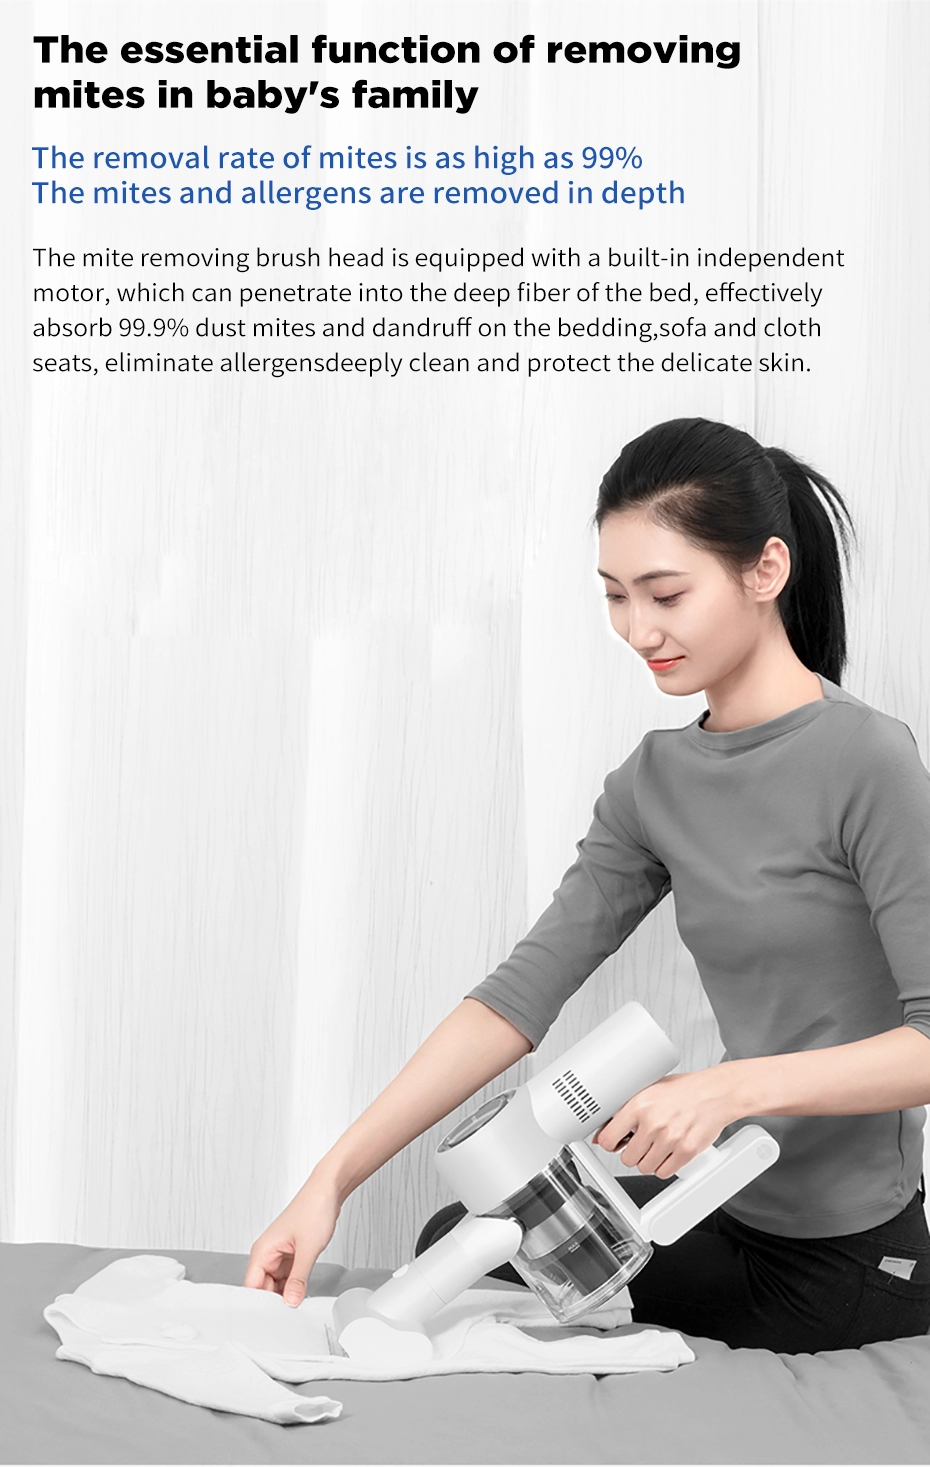 L'UE et RU STOCK Xiaomi Dreame V10 Anti-enroulement Cheveux Acariens Nettoyage aspirateur Robot Aspirateur VS dreame V9